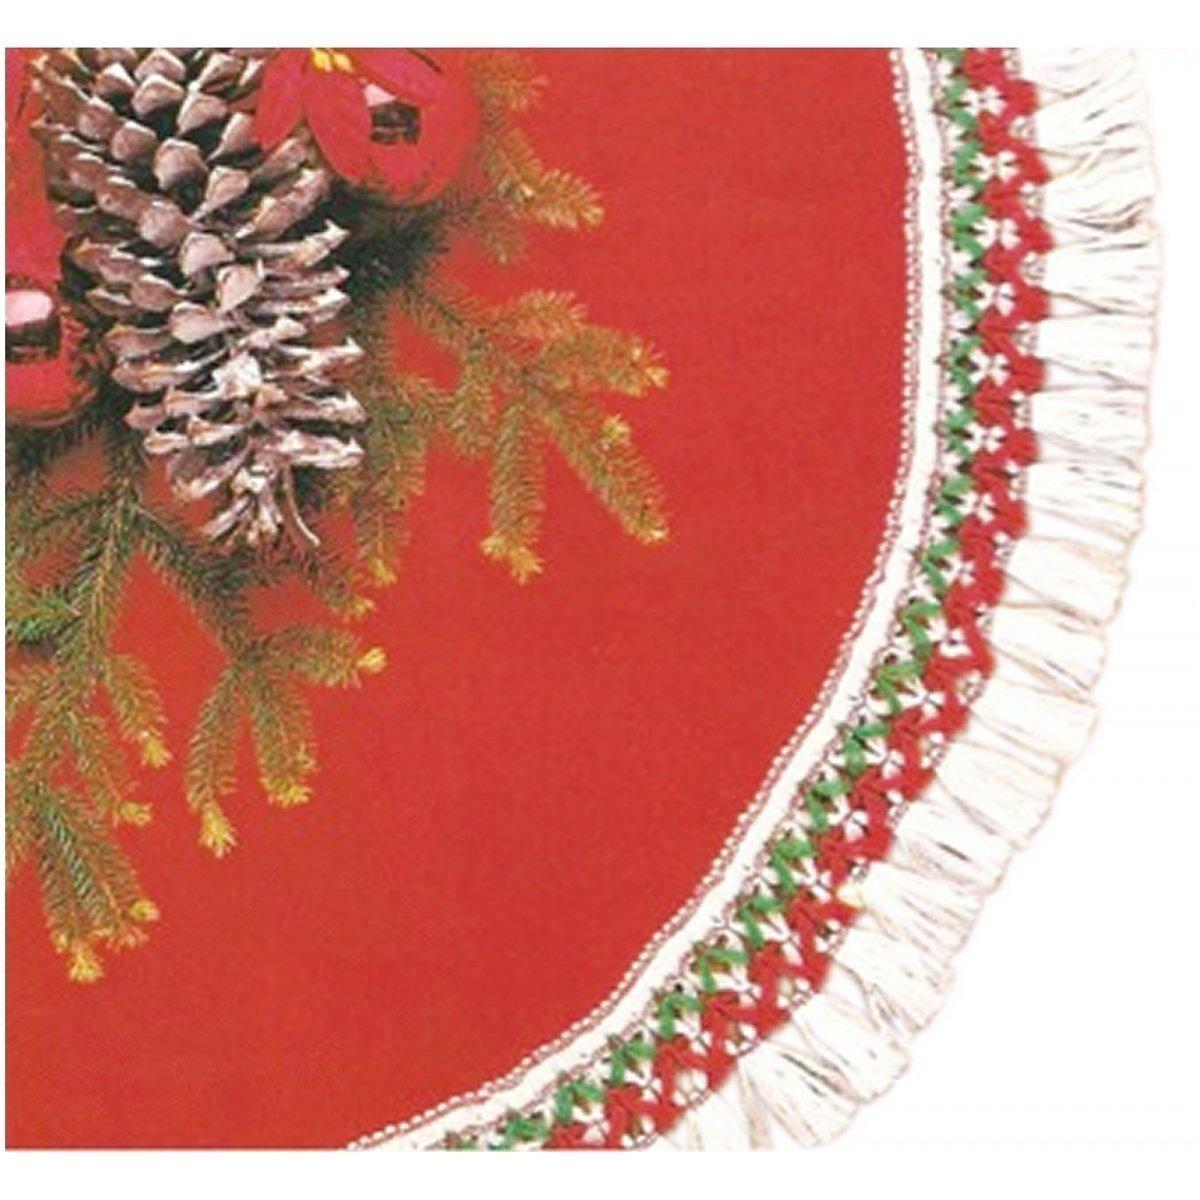 Rubie's Costume Co 56'' Red Plush Tree Skirt Costume